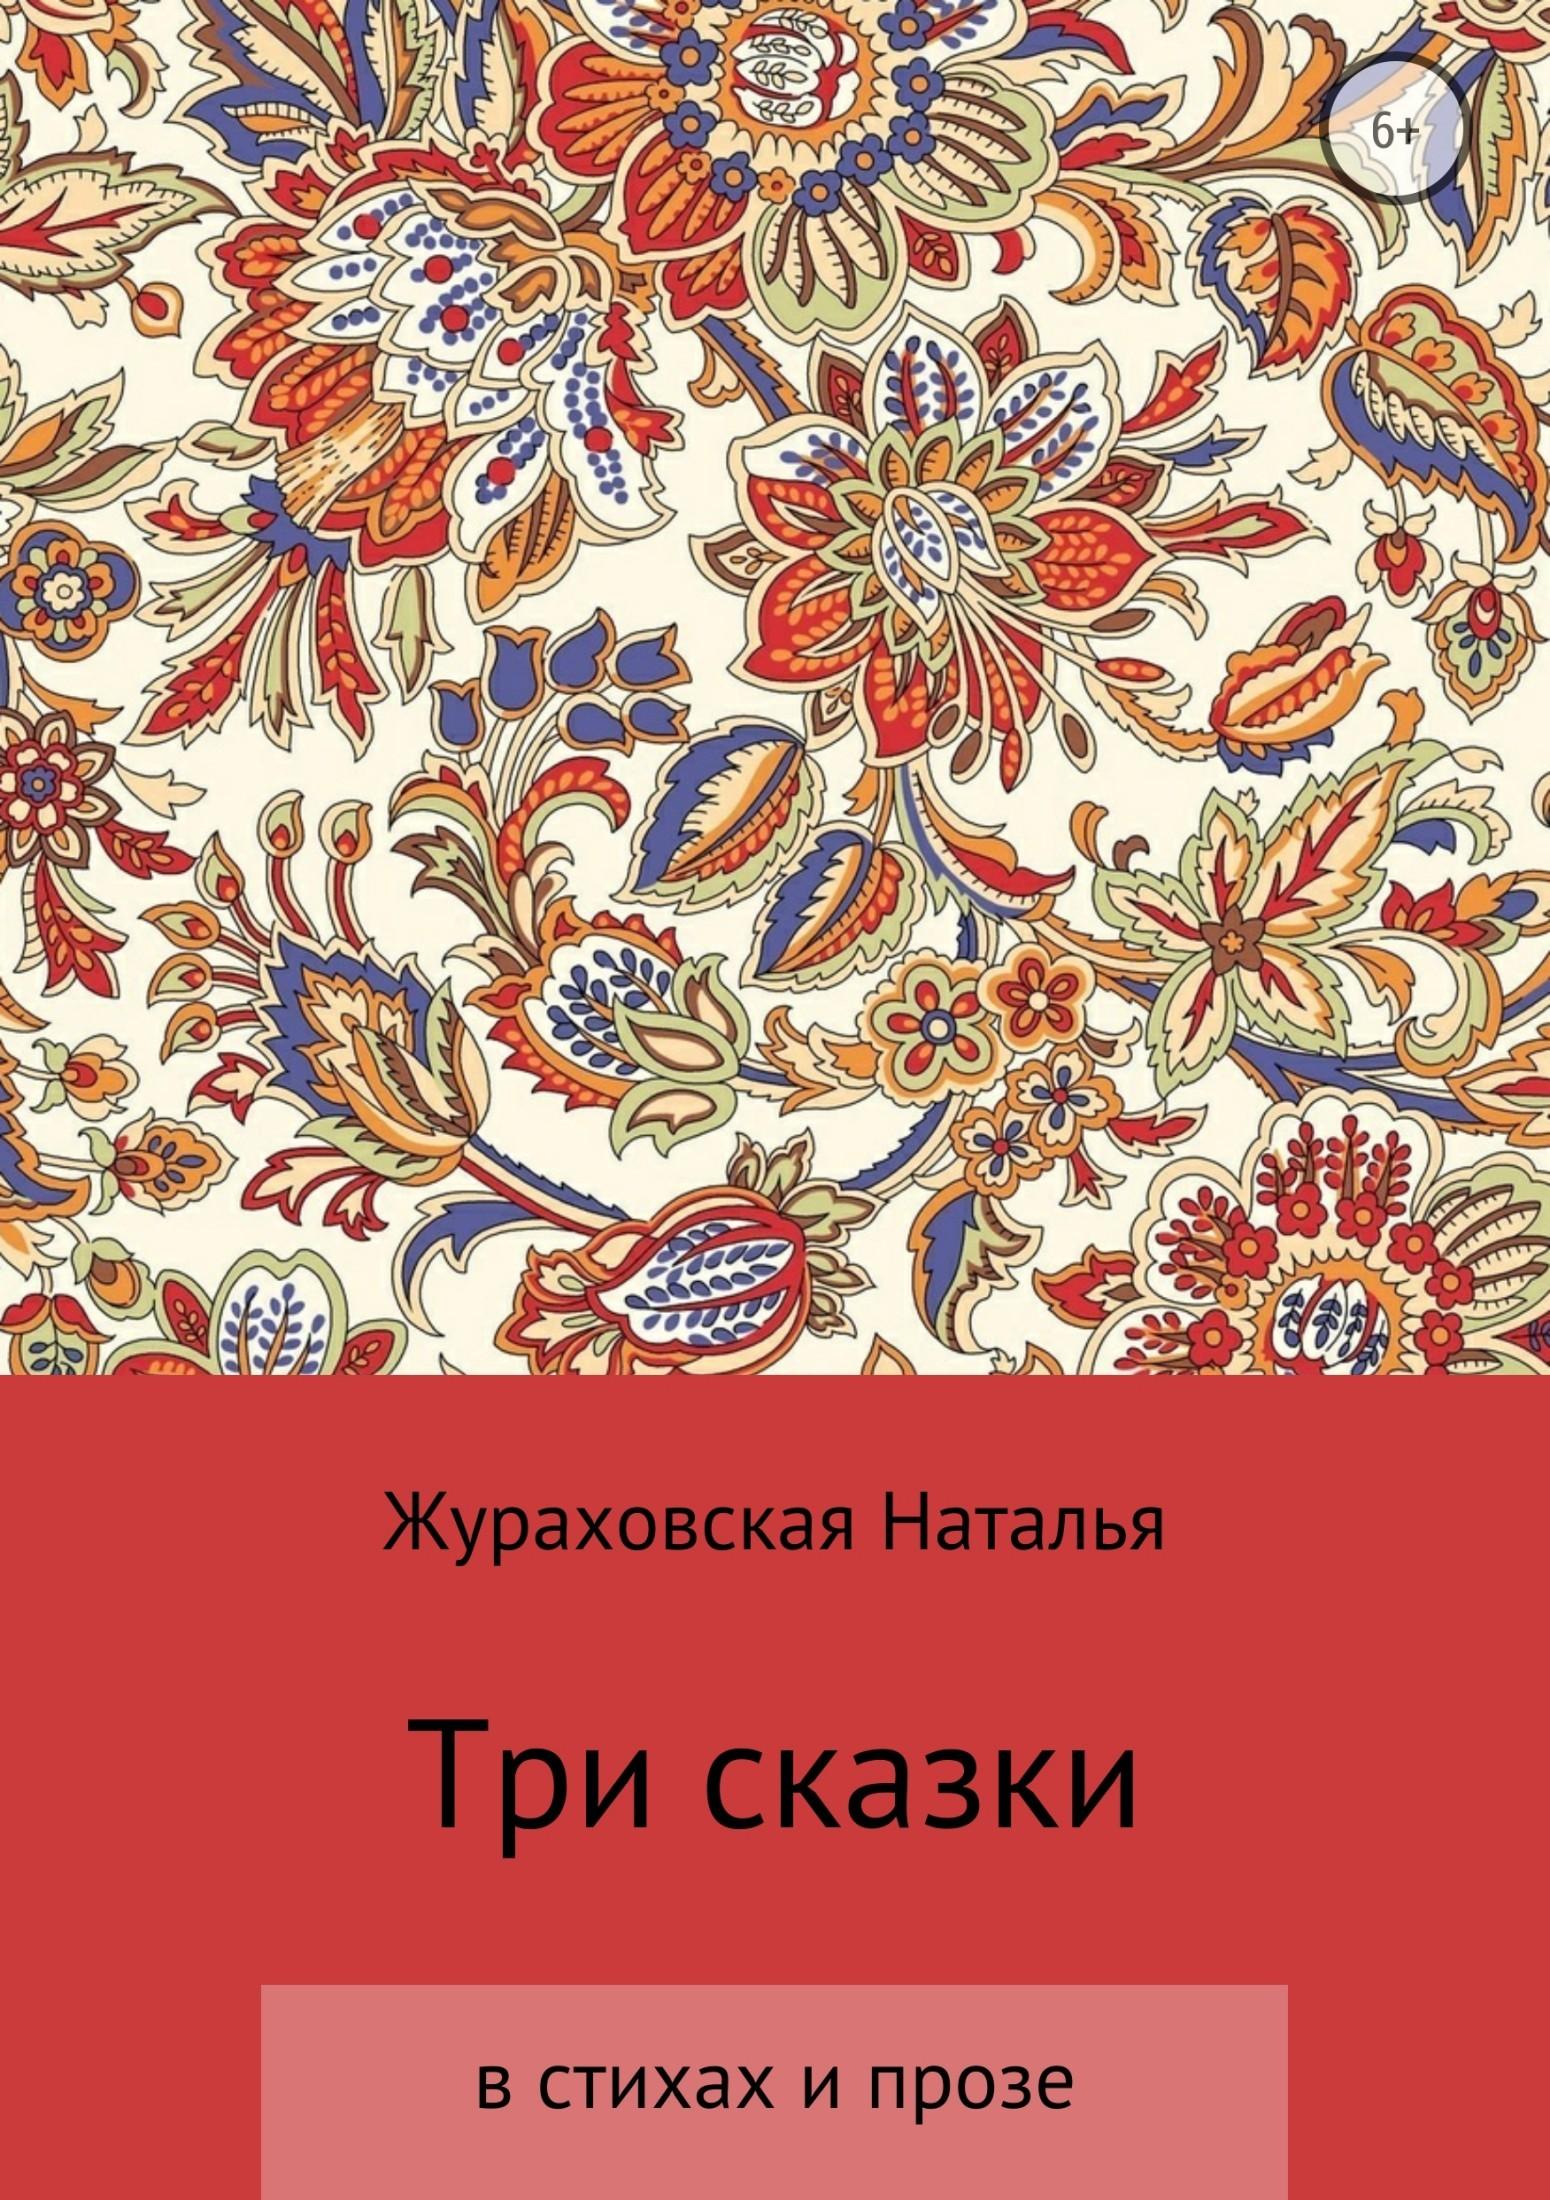 Наталья Жураховская - Три сказки